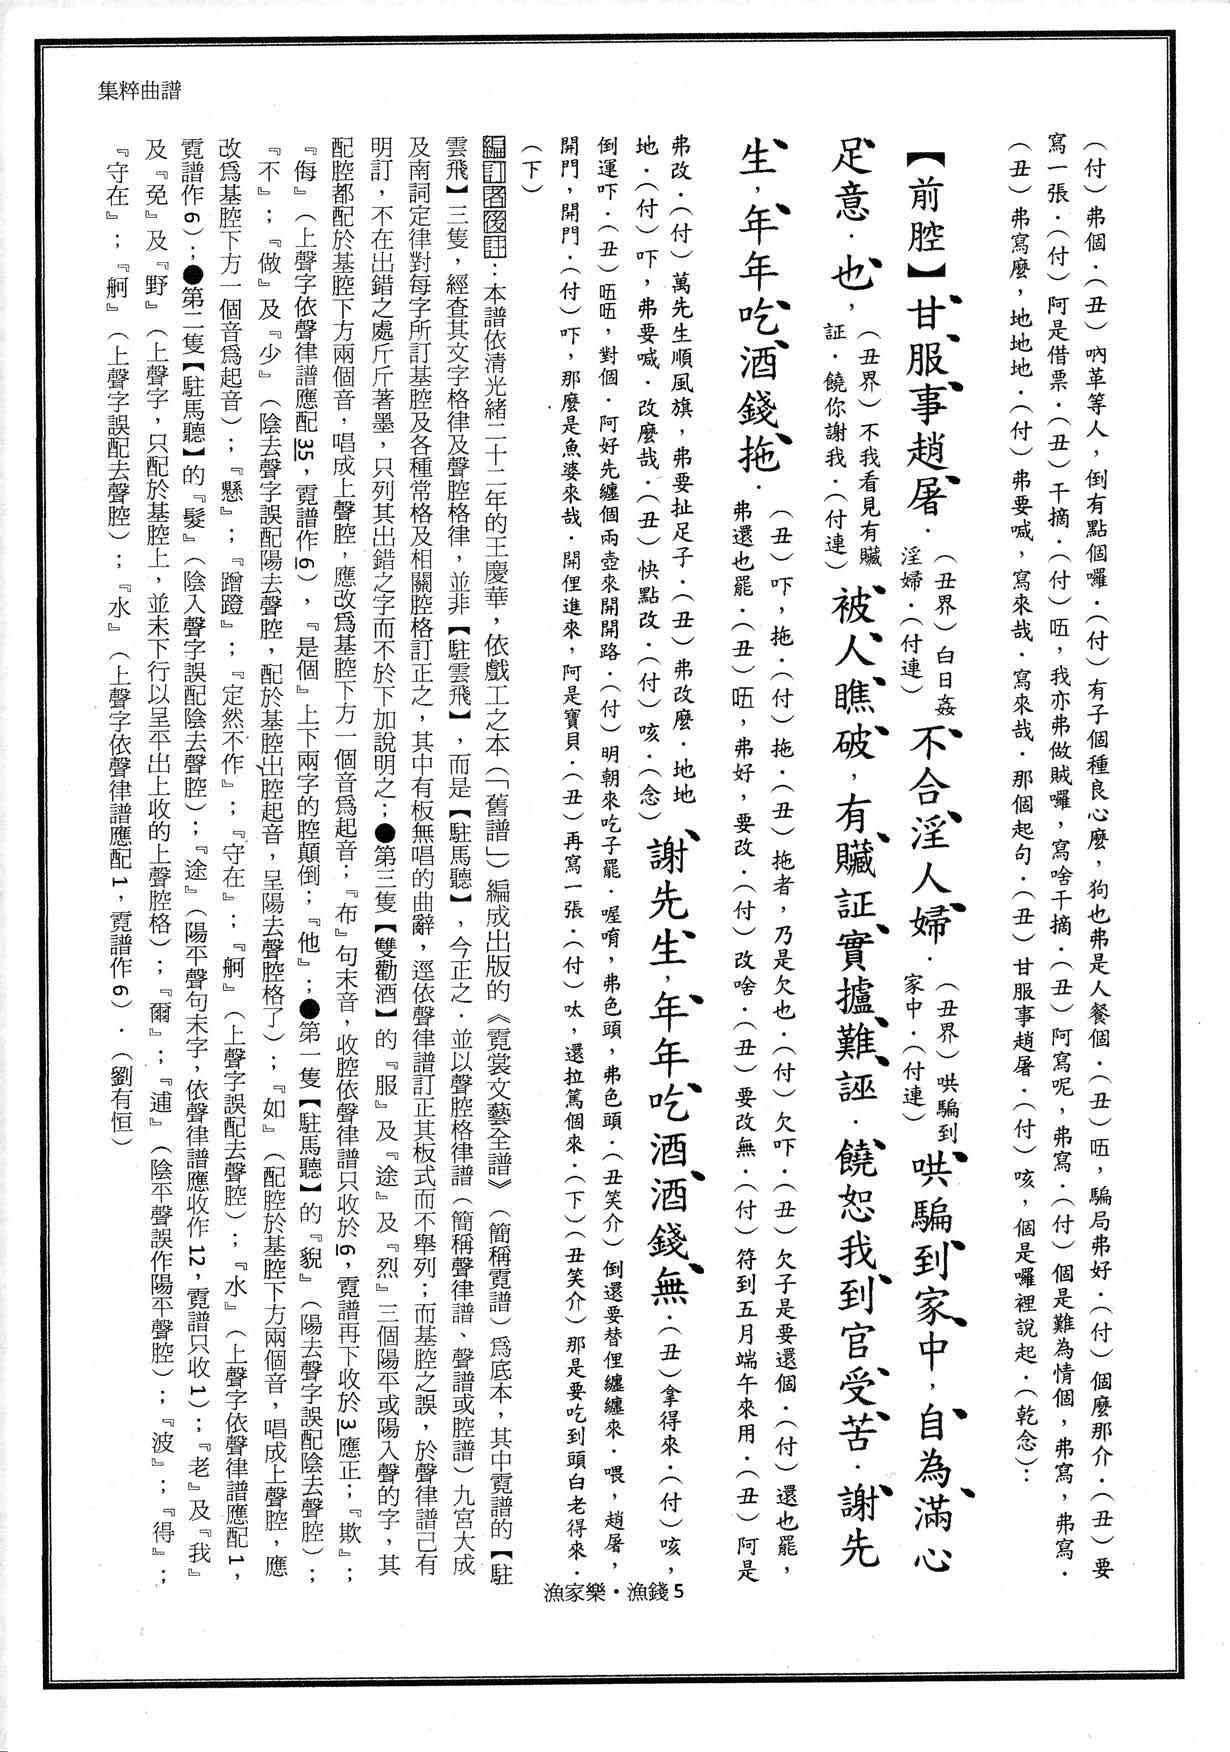 (崑曲)集粹曲譜: 漁錢(漁家樂) (清)朱佐朝 | 集粹曲譜